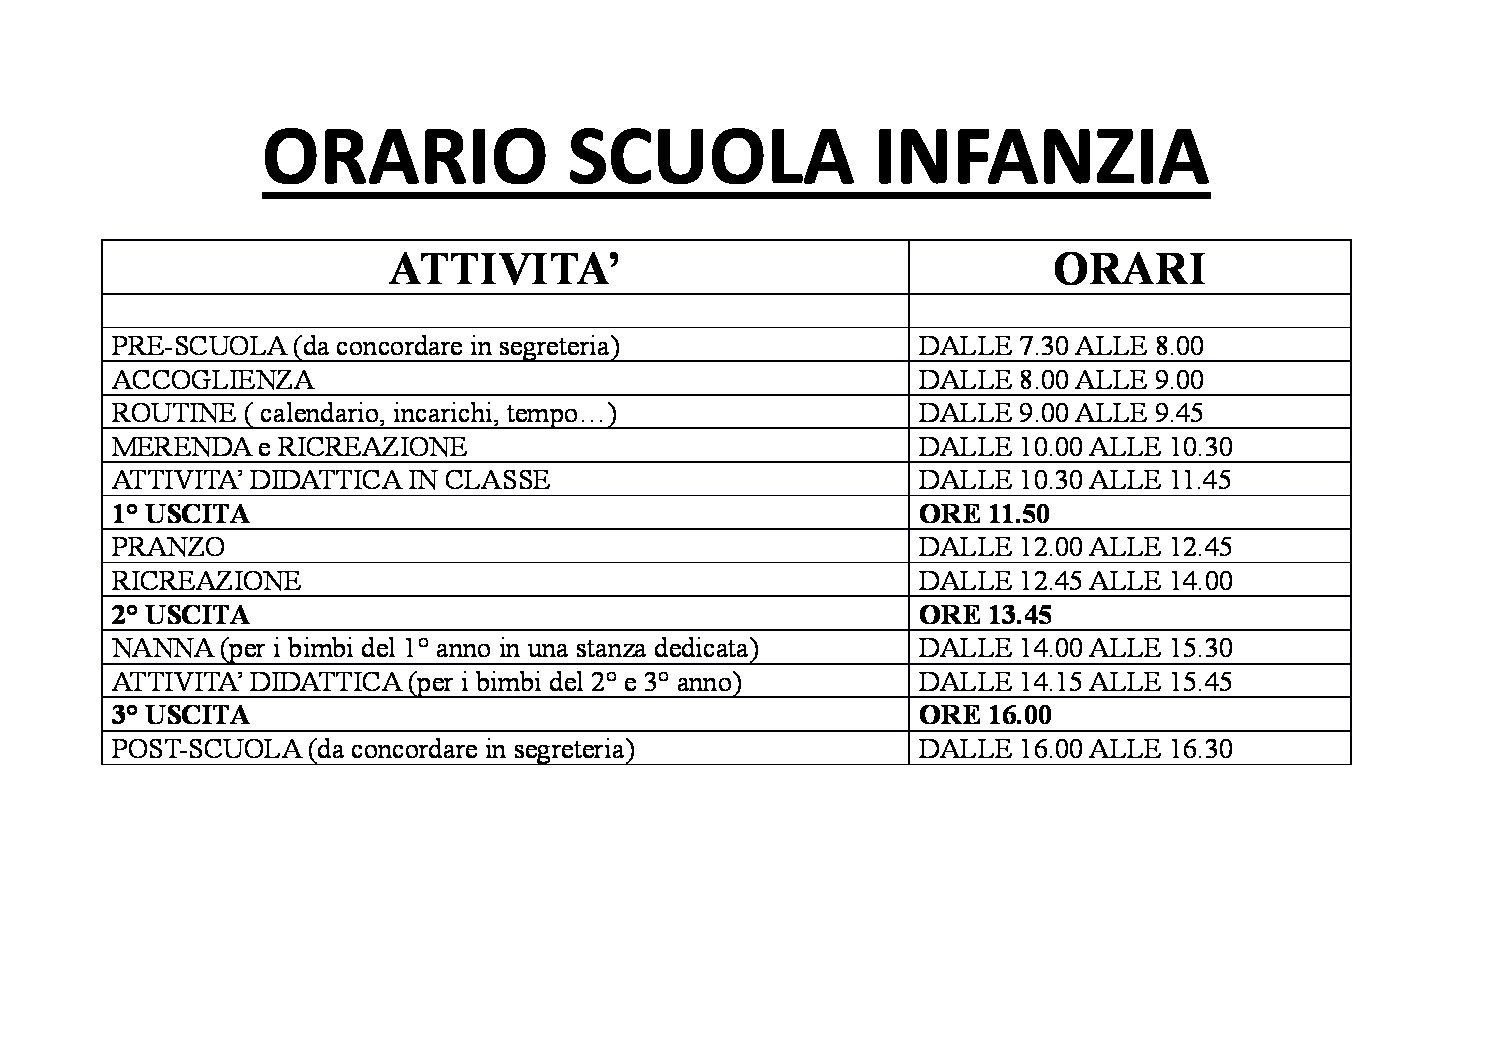 Calendario Del Tempo Scuola Infanzia.Orario Scuola Infanzia Scuola Vittorio Veneto